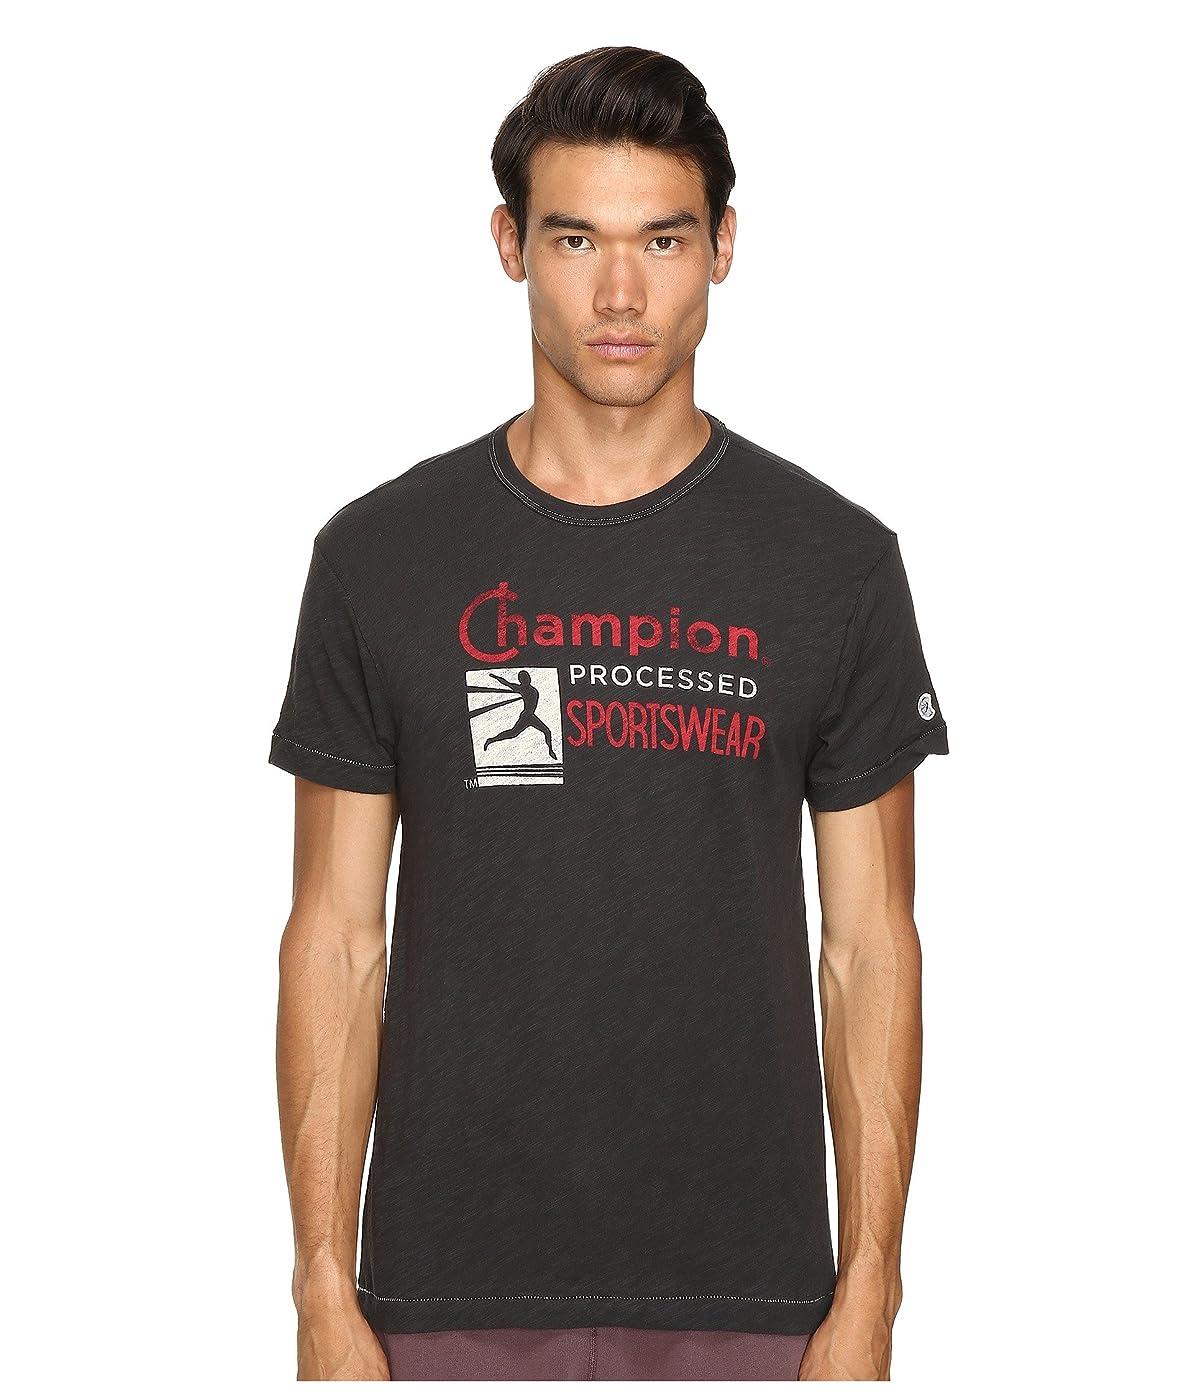 ジョガー付属品モーテル[トッドスナイダー + チャンピオン] Todd Snyder + Champion メンズ Champion Processed Sportswear T-Shirt トップス Faded Black XL [並行輸入品]